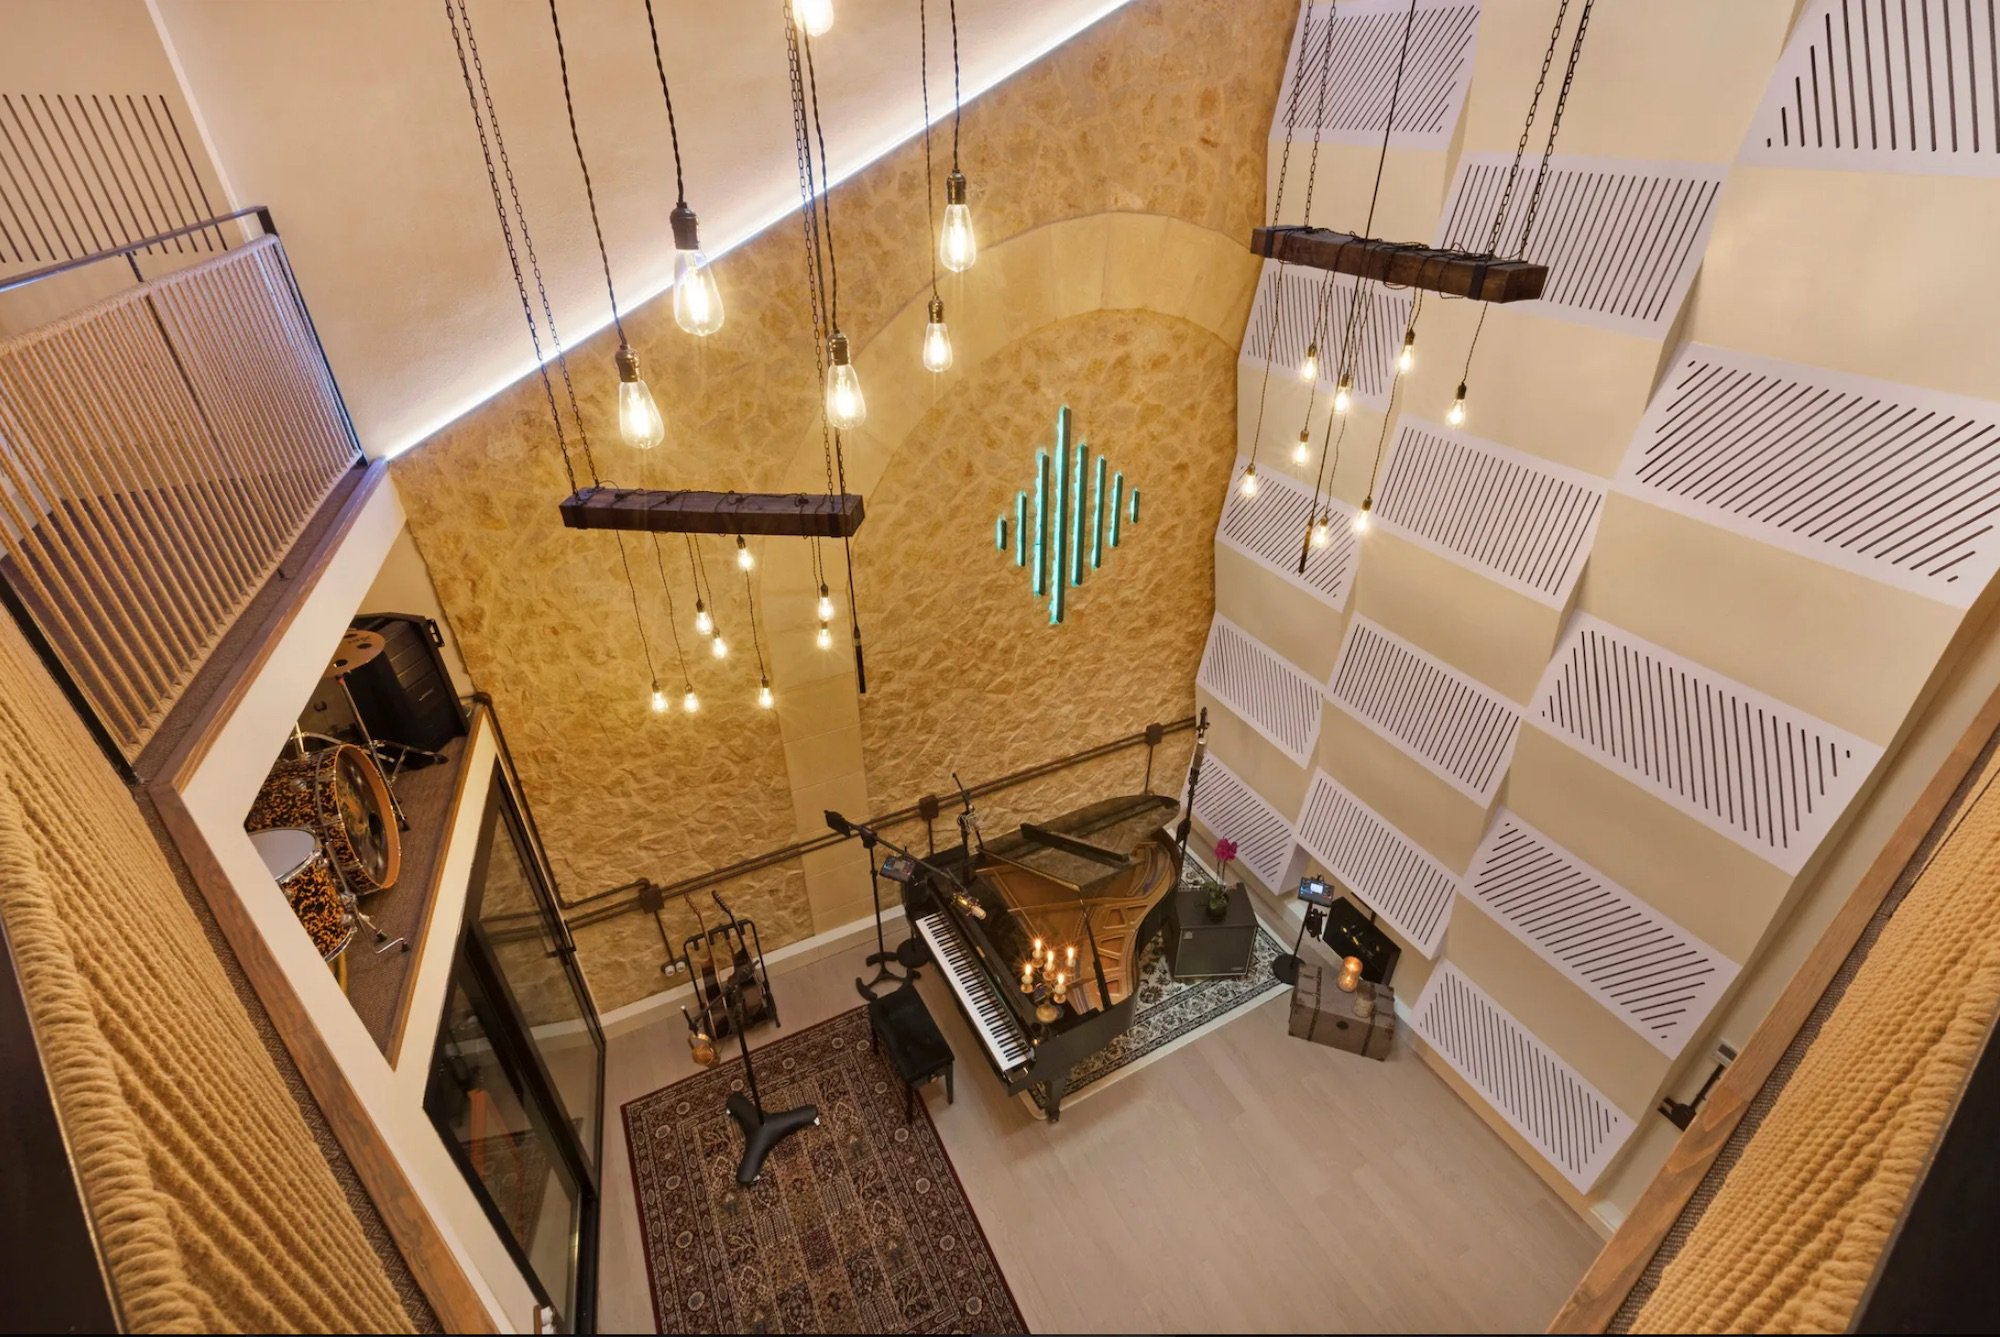 Palma Music Studios del3: Formgivning och interiör